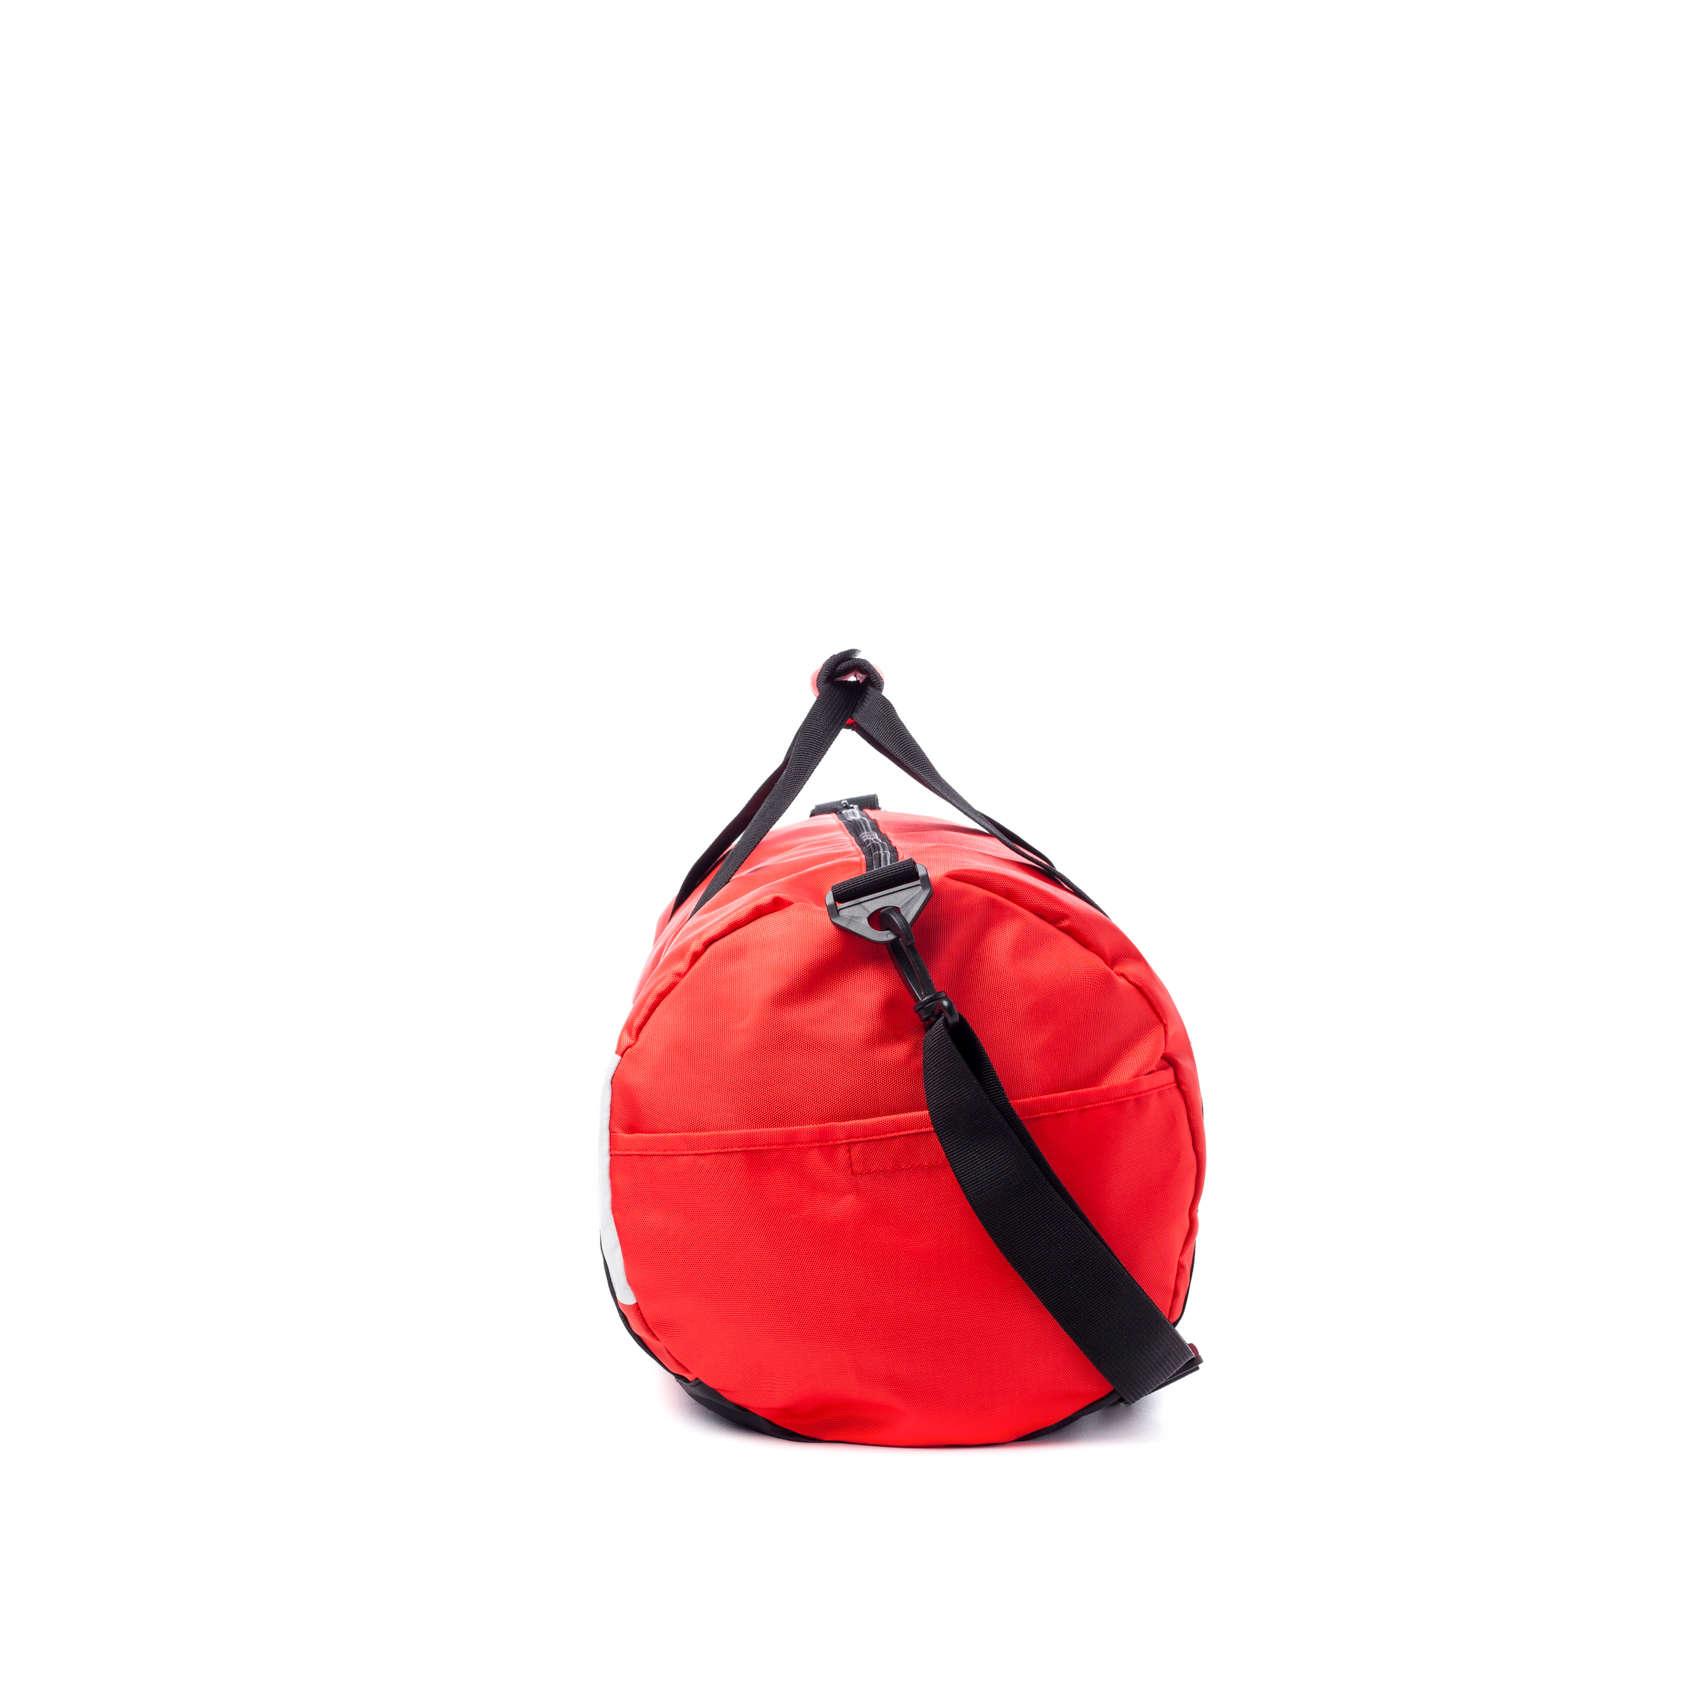 GYM BAG 6573022